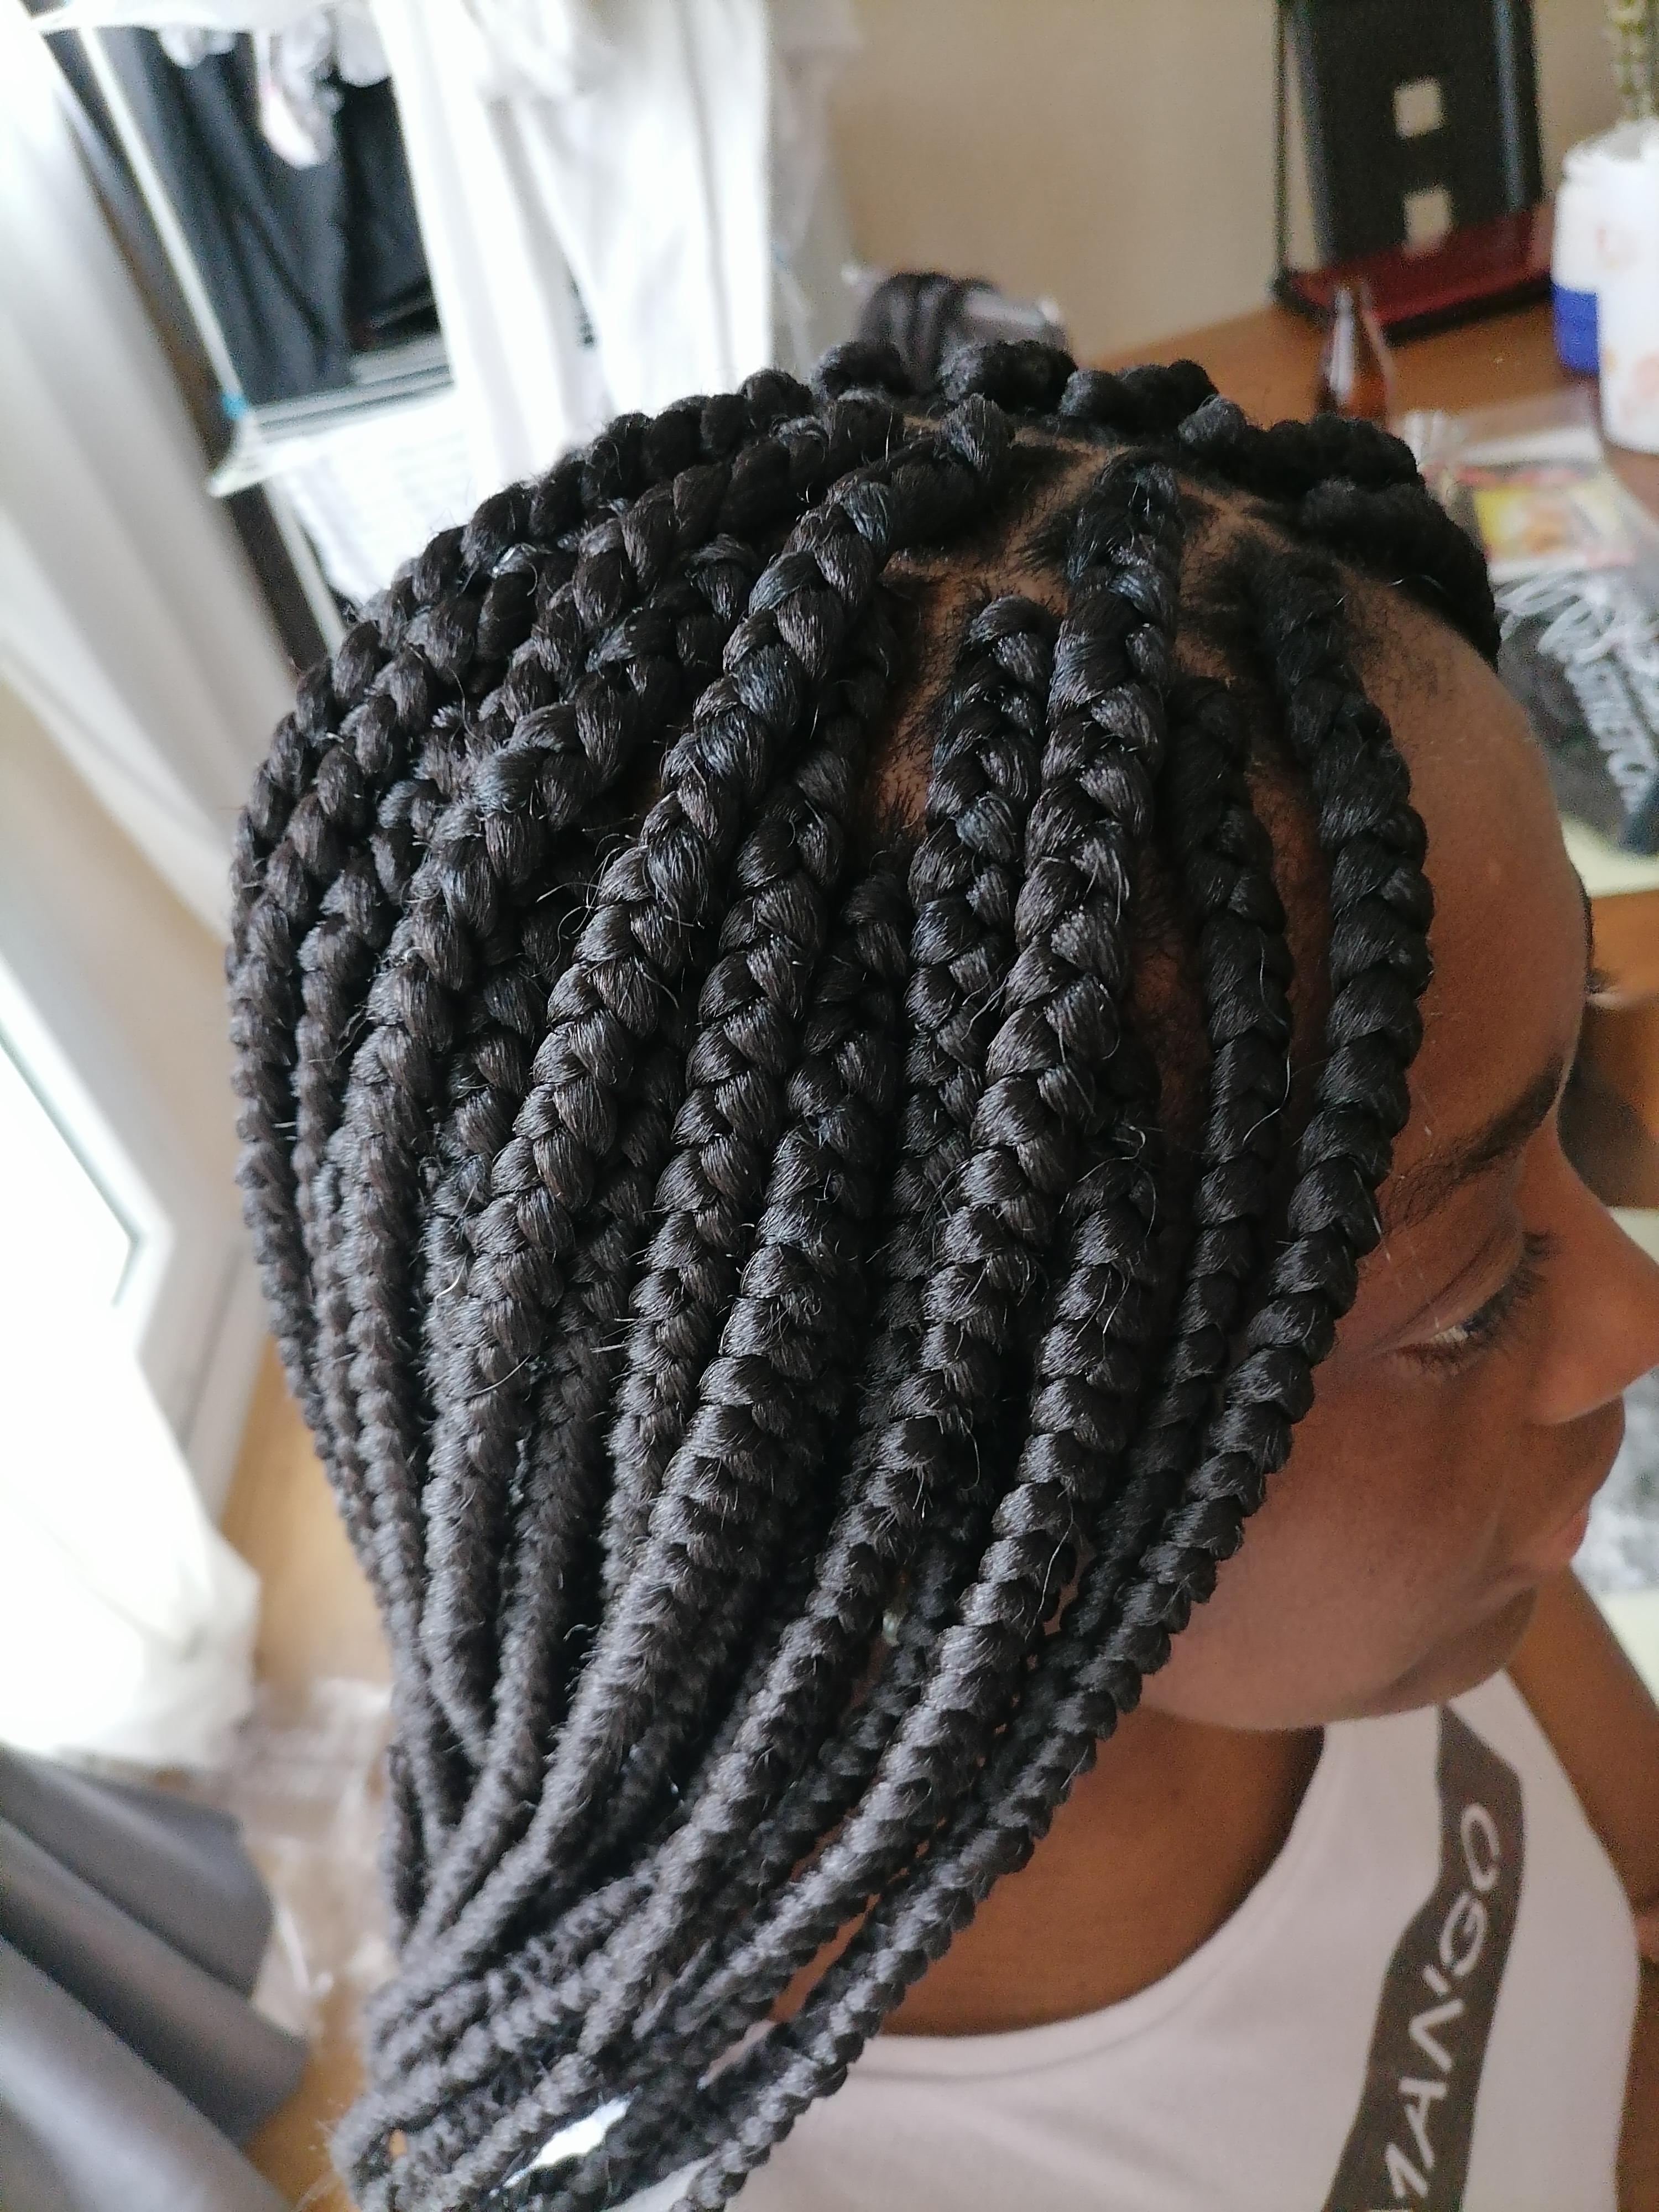 salon de coiffure afro tresse tresses box braids crochet braids vanilles tissages paris 75 77 78 91 92 93 94 95 WARRYYHY